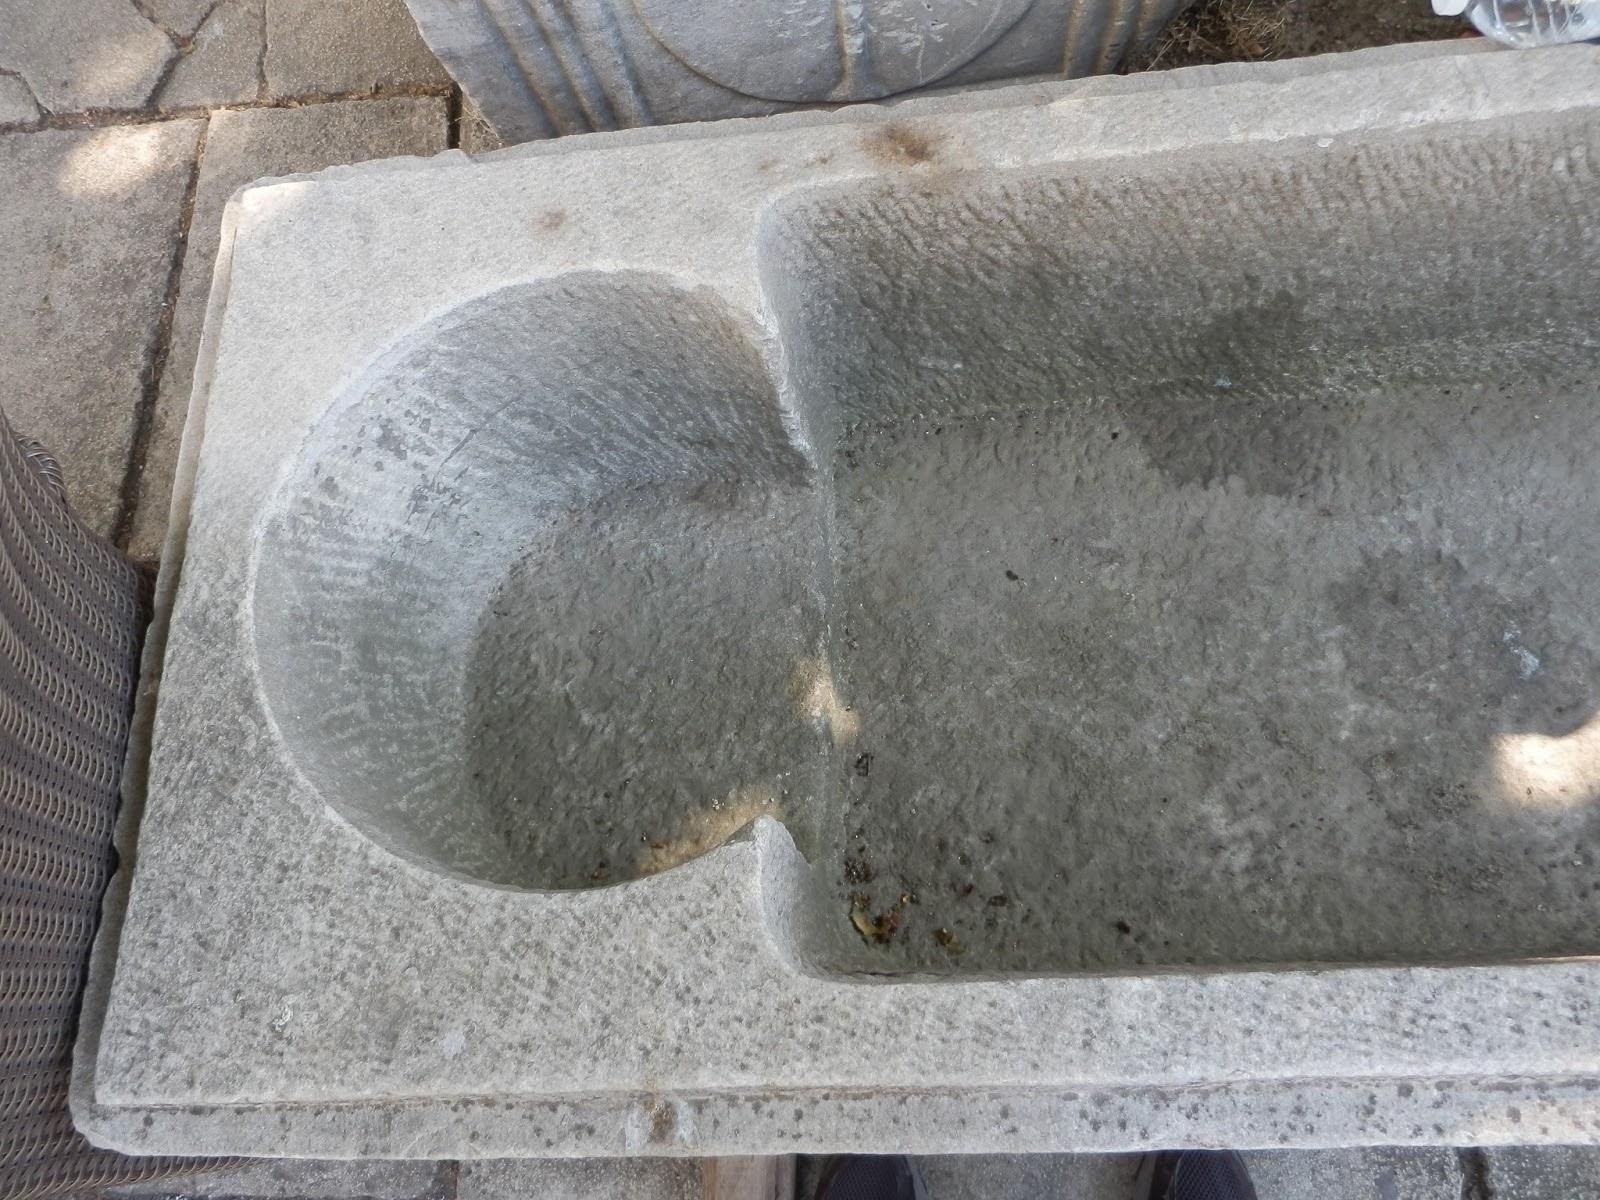 Внутри каменного саркофага вырезано специальное место фиксации головы, ступенчатой возвышенностью, подушкой, удобство